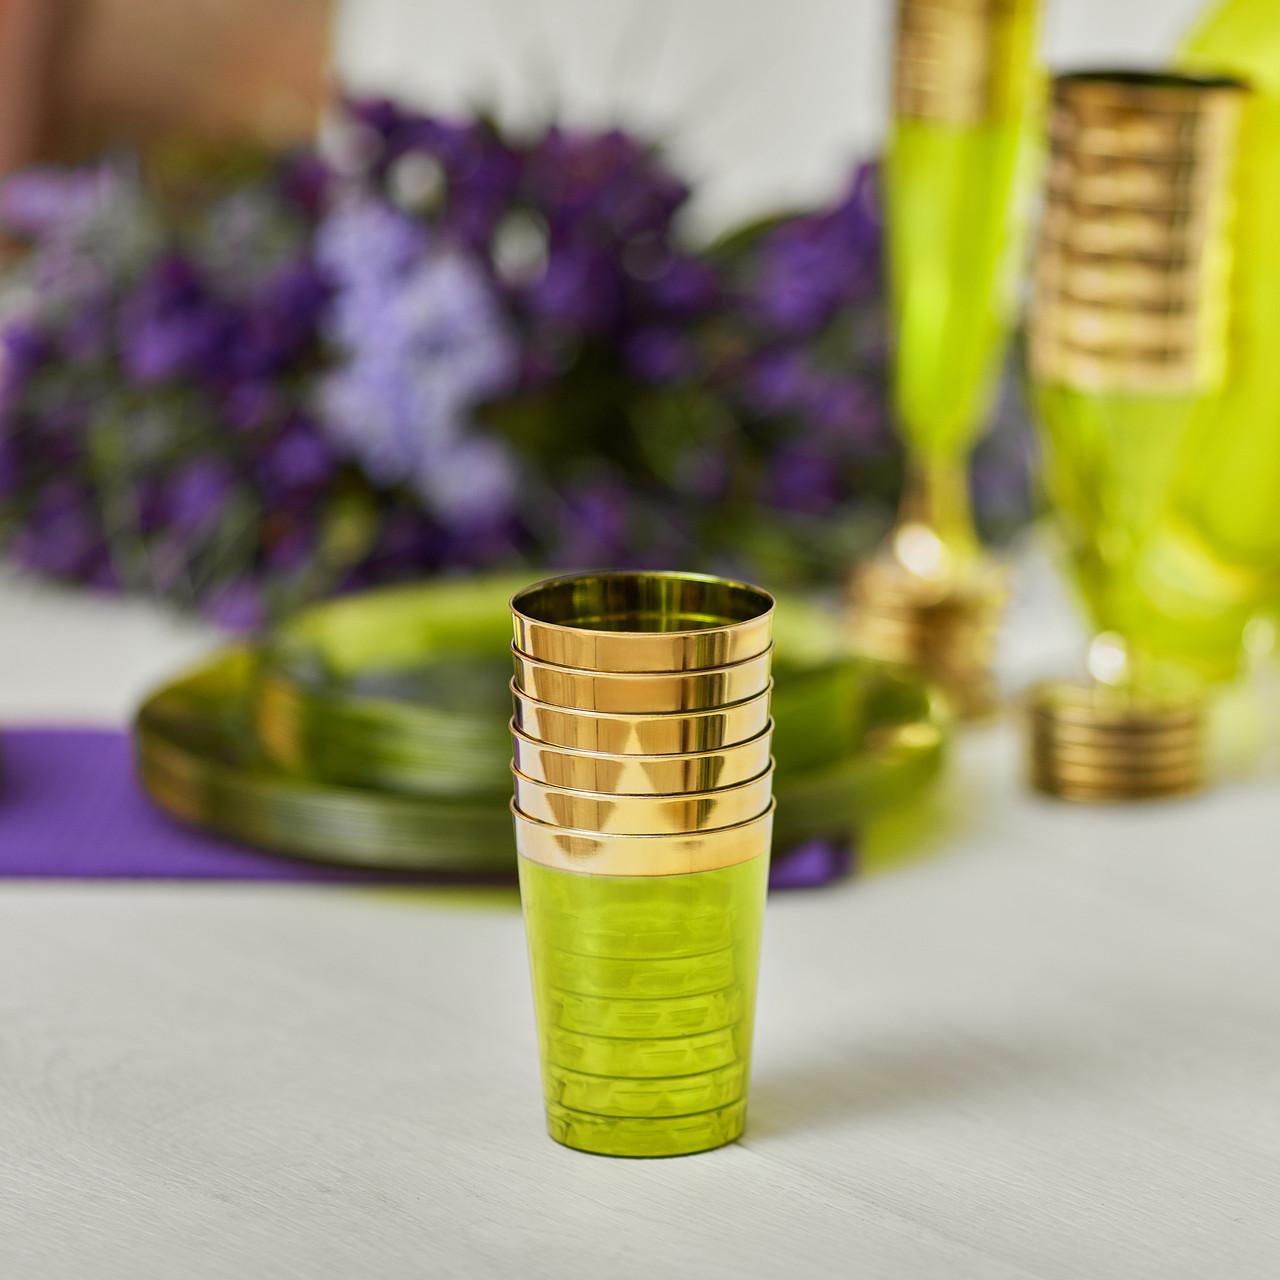 Стакан пластиковый одноразовый  для свадьбы, праздника. Коллекция «Классико» CFP 6 шт 220 мл